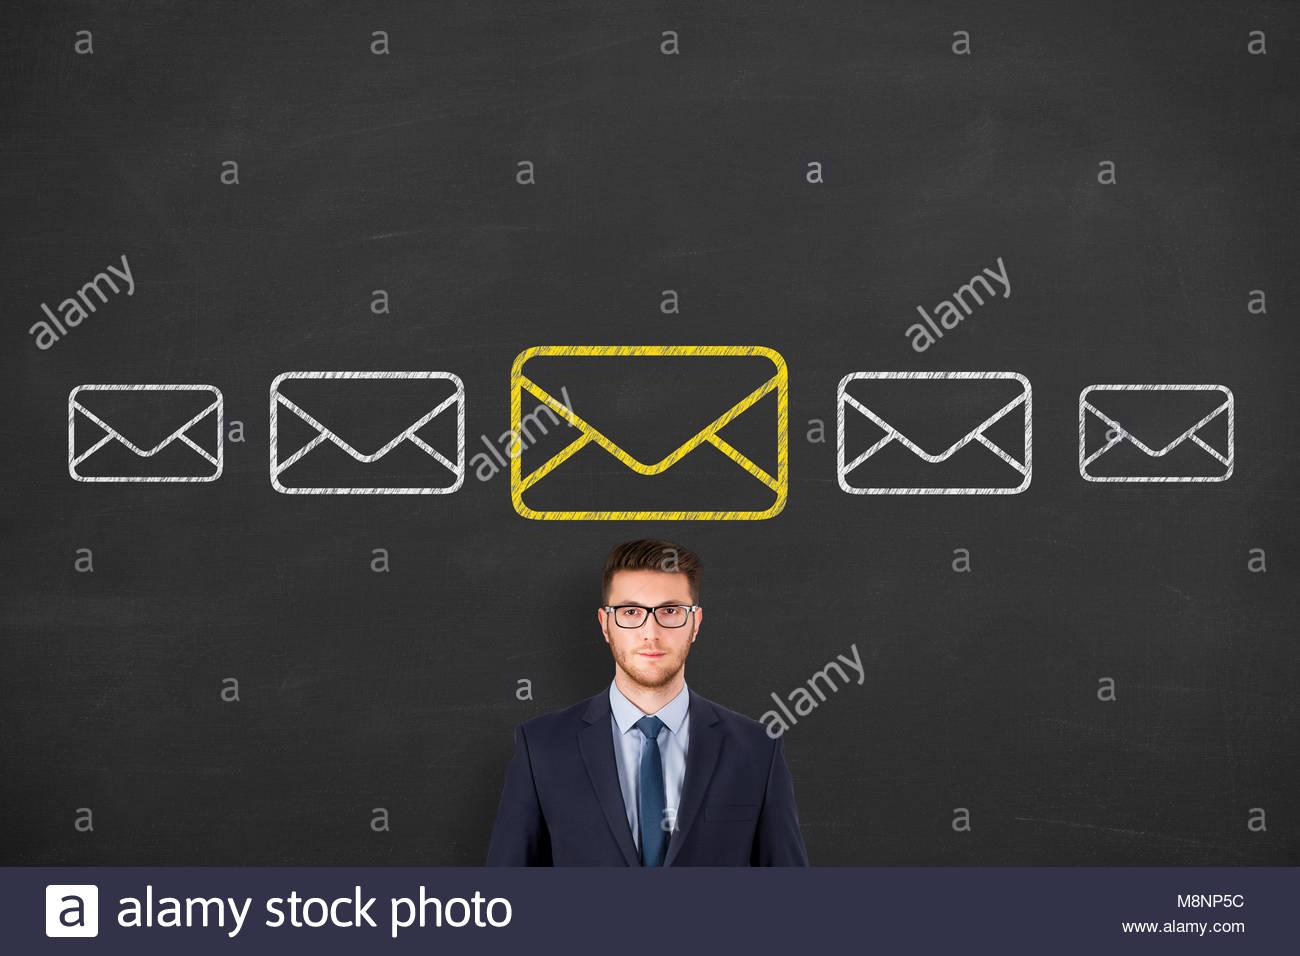 Marketing e-mail, newsletter e bulk mail concetti su lavagna Immagini Stock